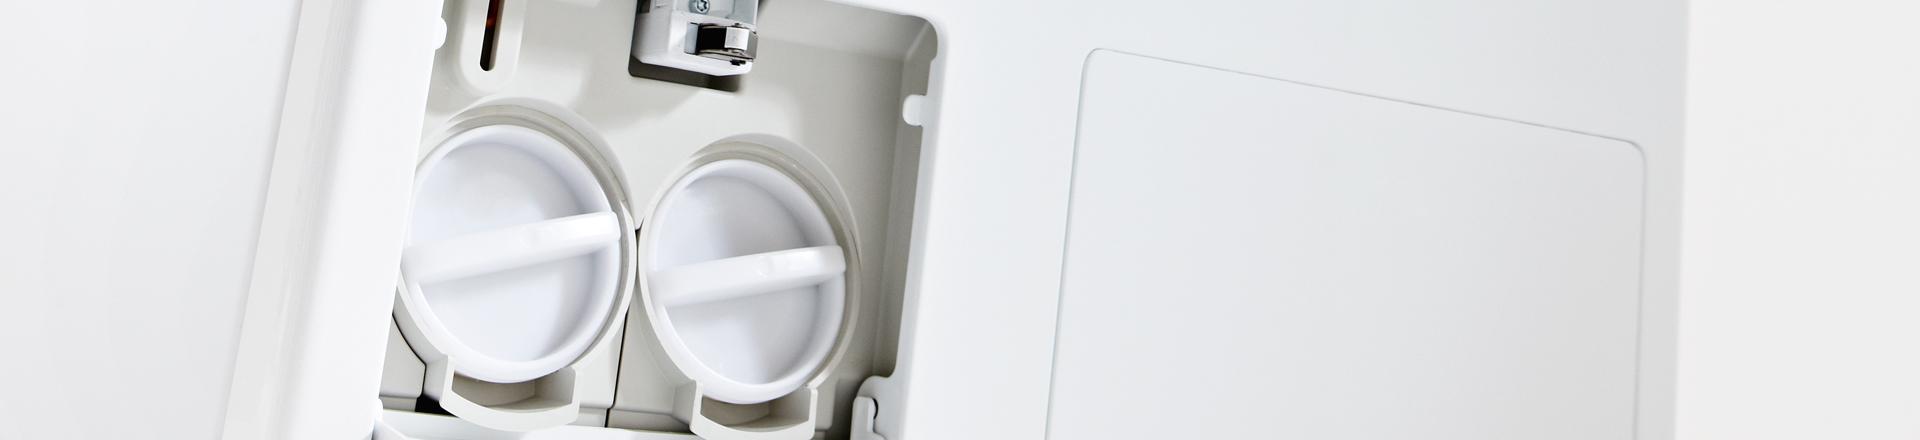 waschmaschine, schlosser, freiburg